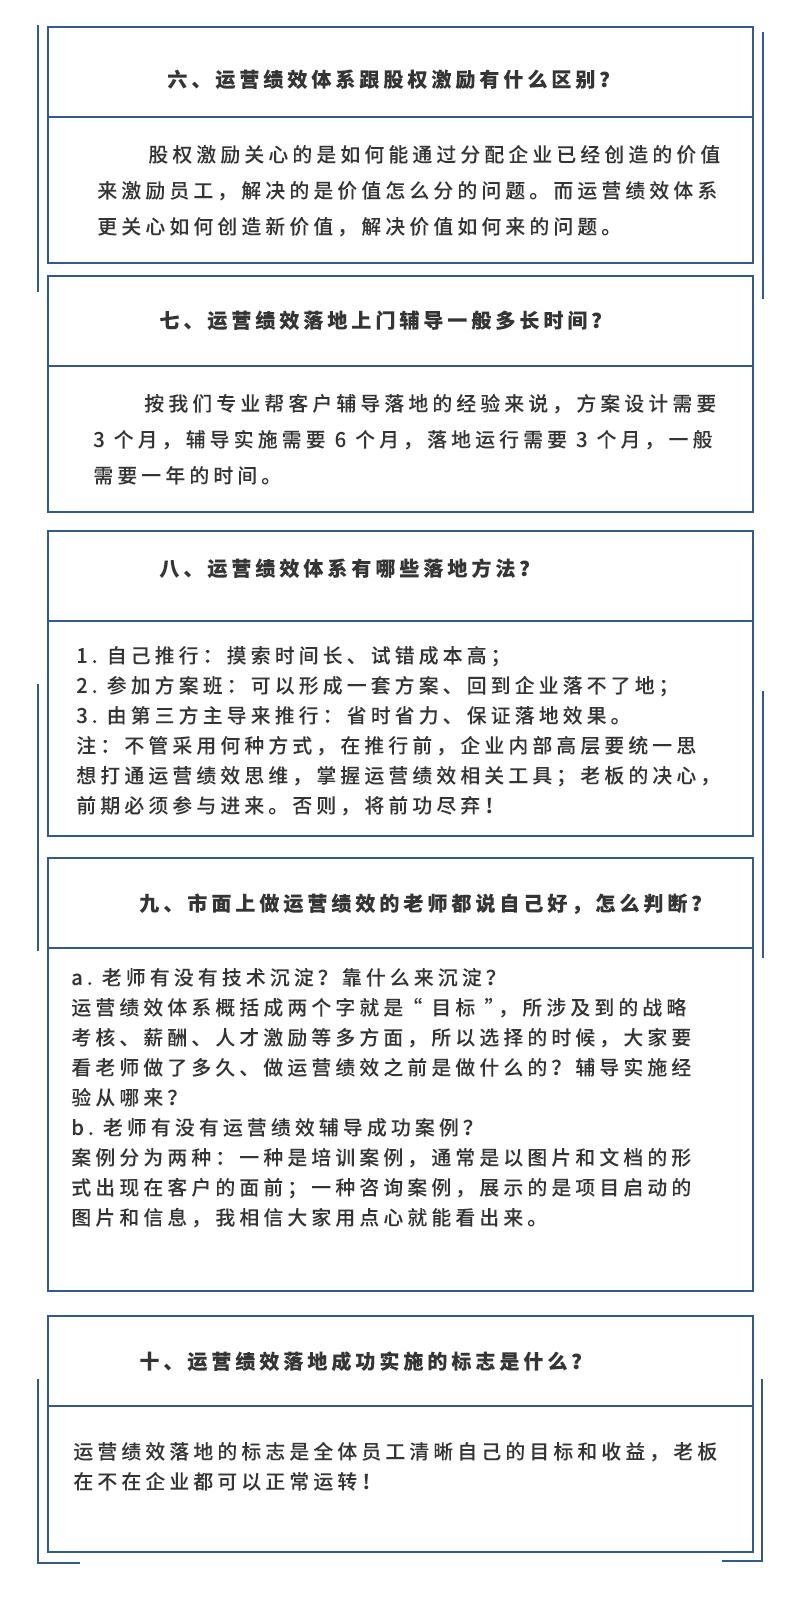 运营绩效落地上门辅导经典十问:(图2)